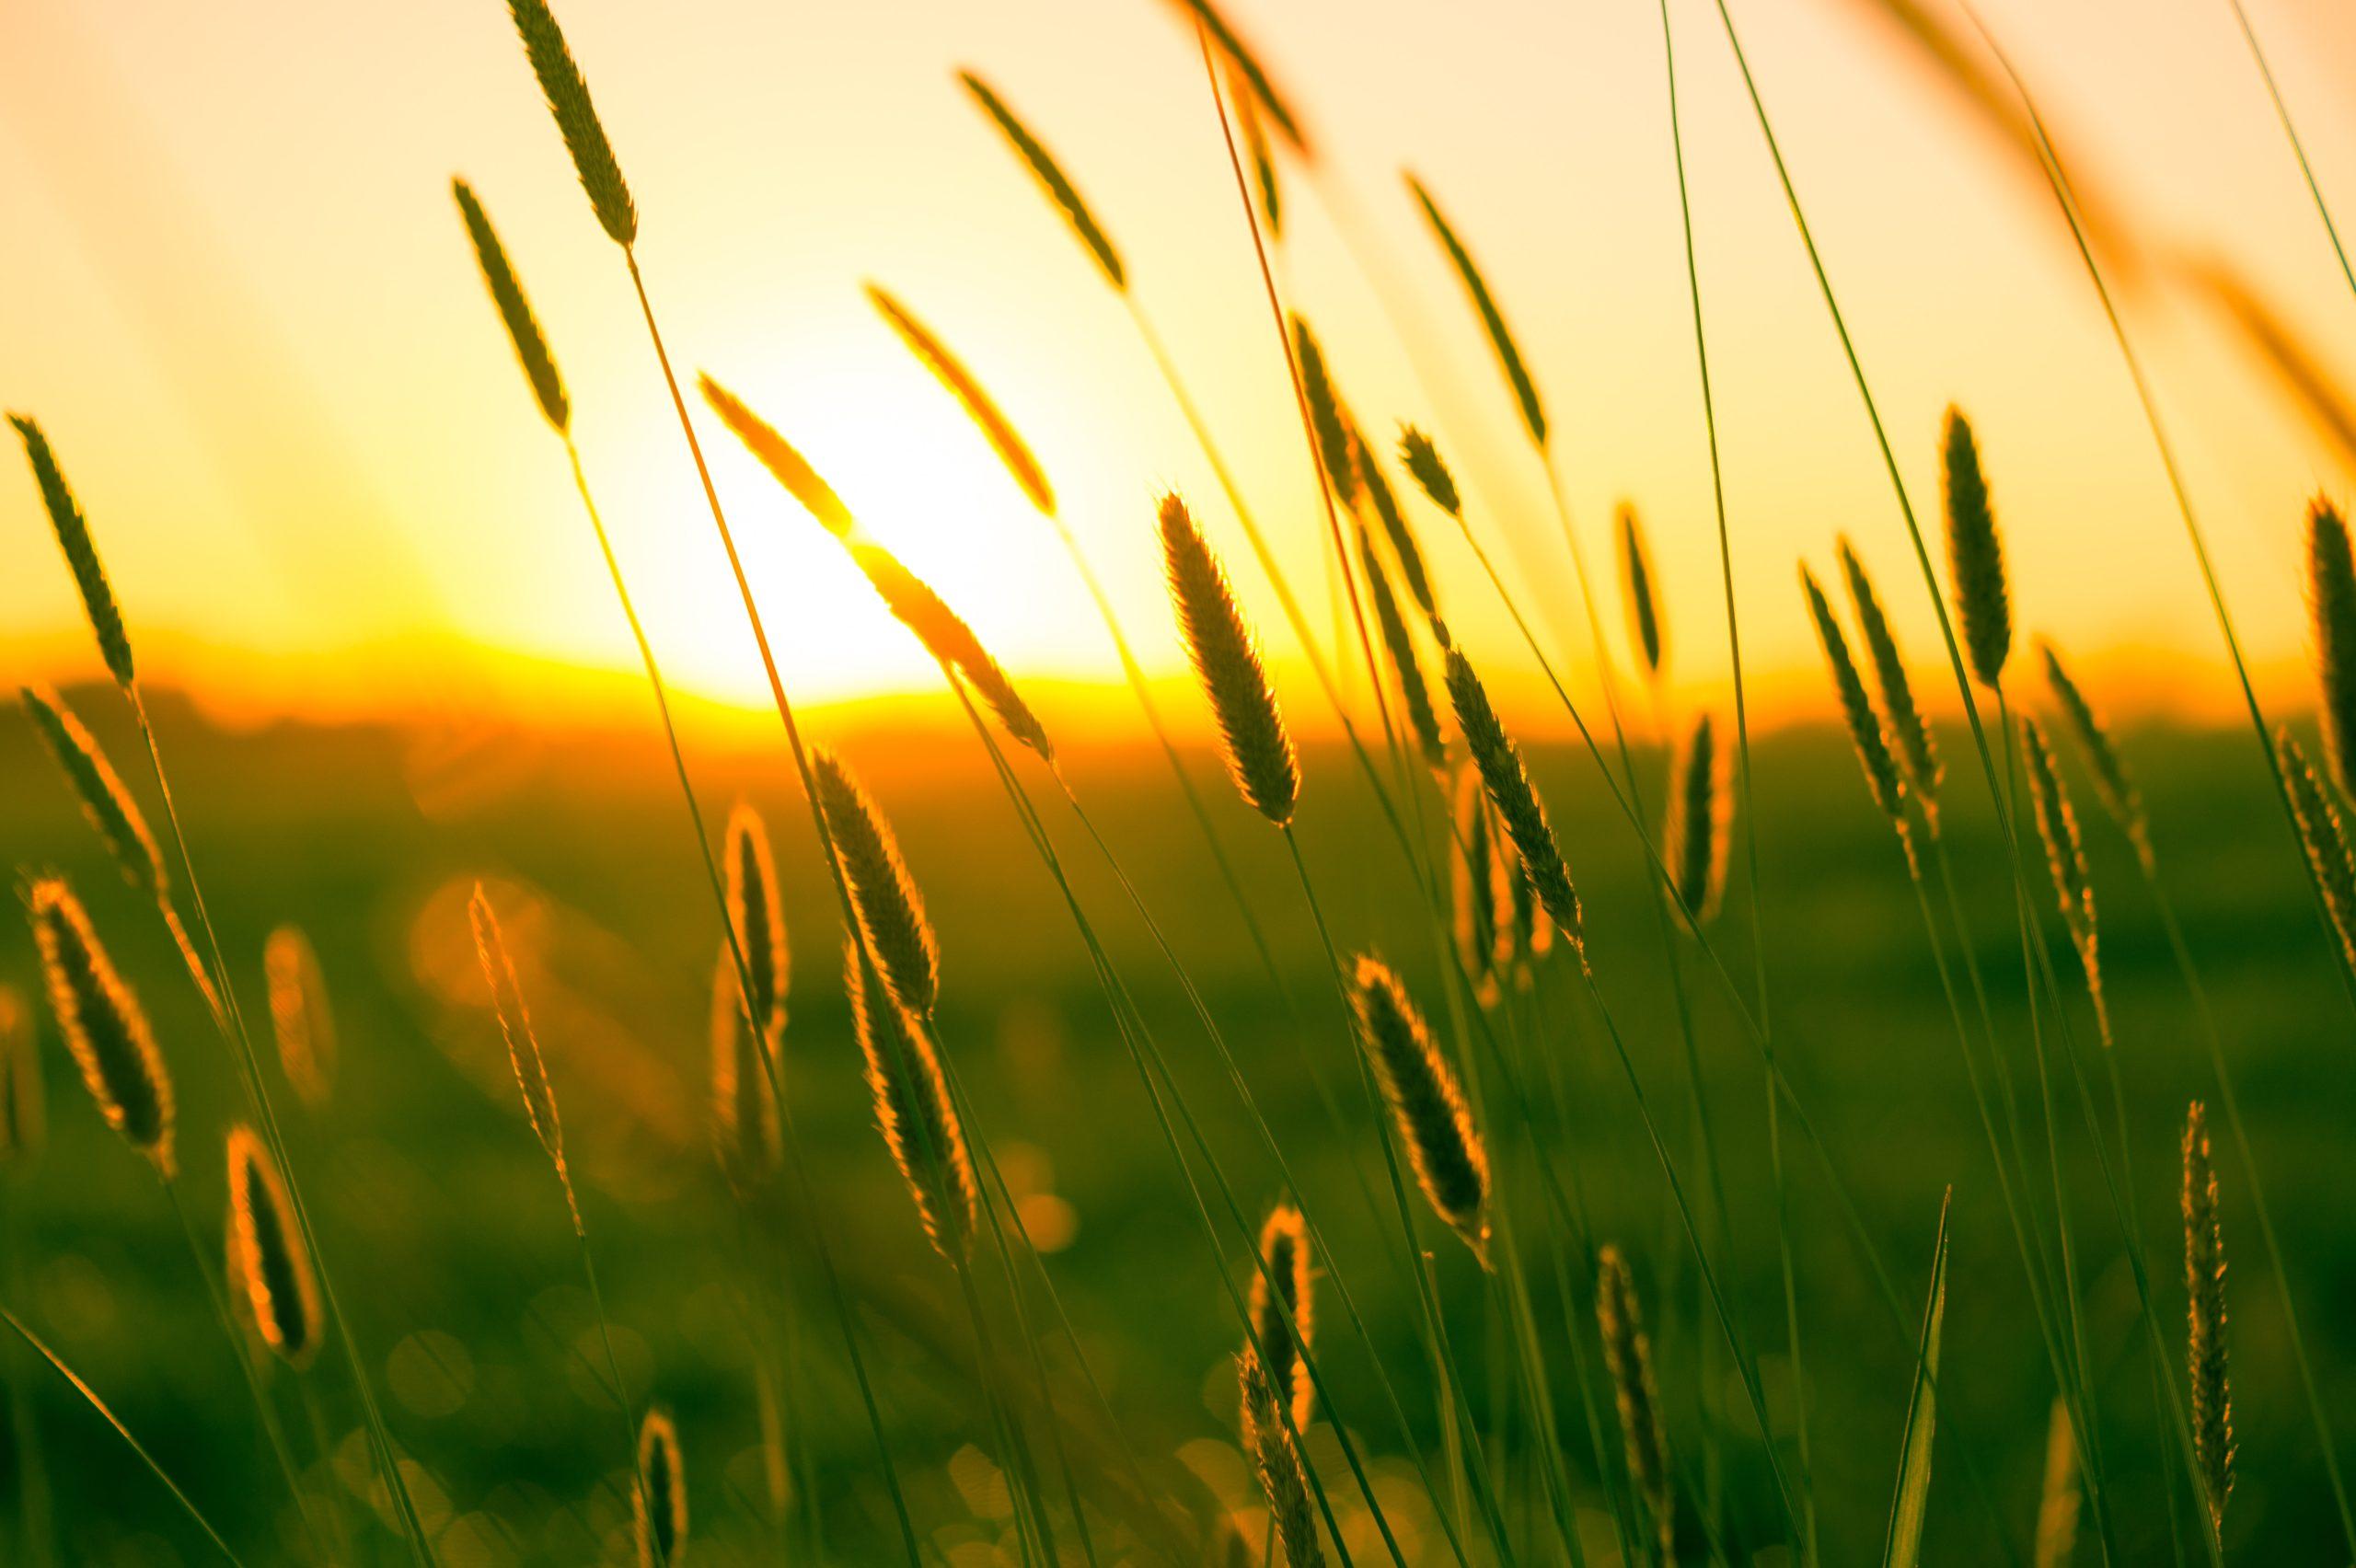 Sonnenuntergang auf dem Feld: Sommer in Schleswig-Holstein